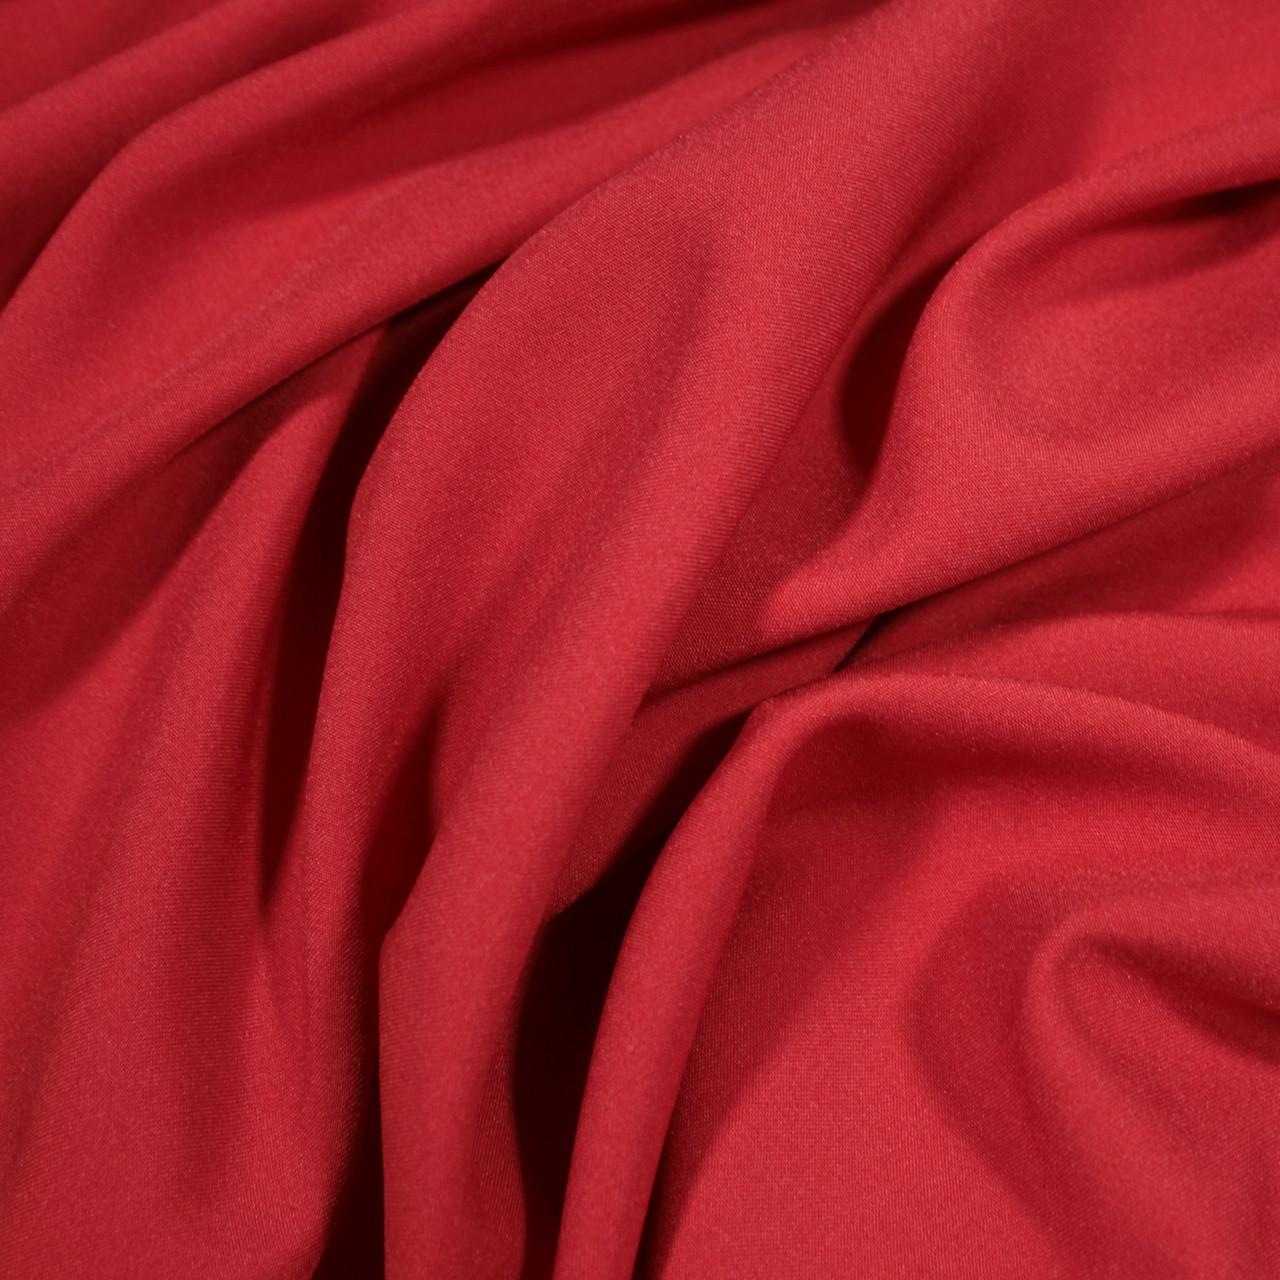 Ткань мадонна красная